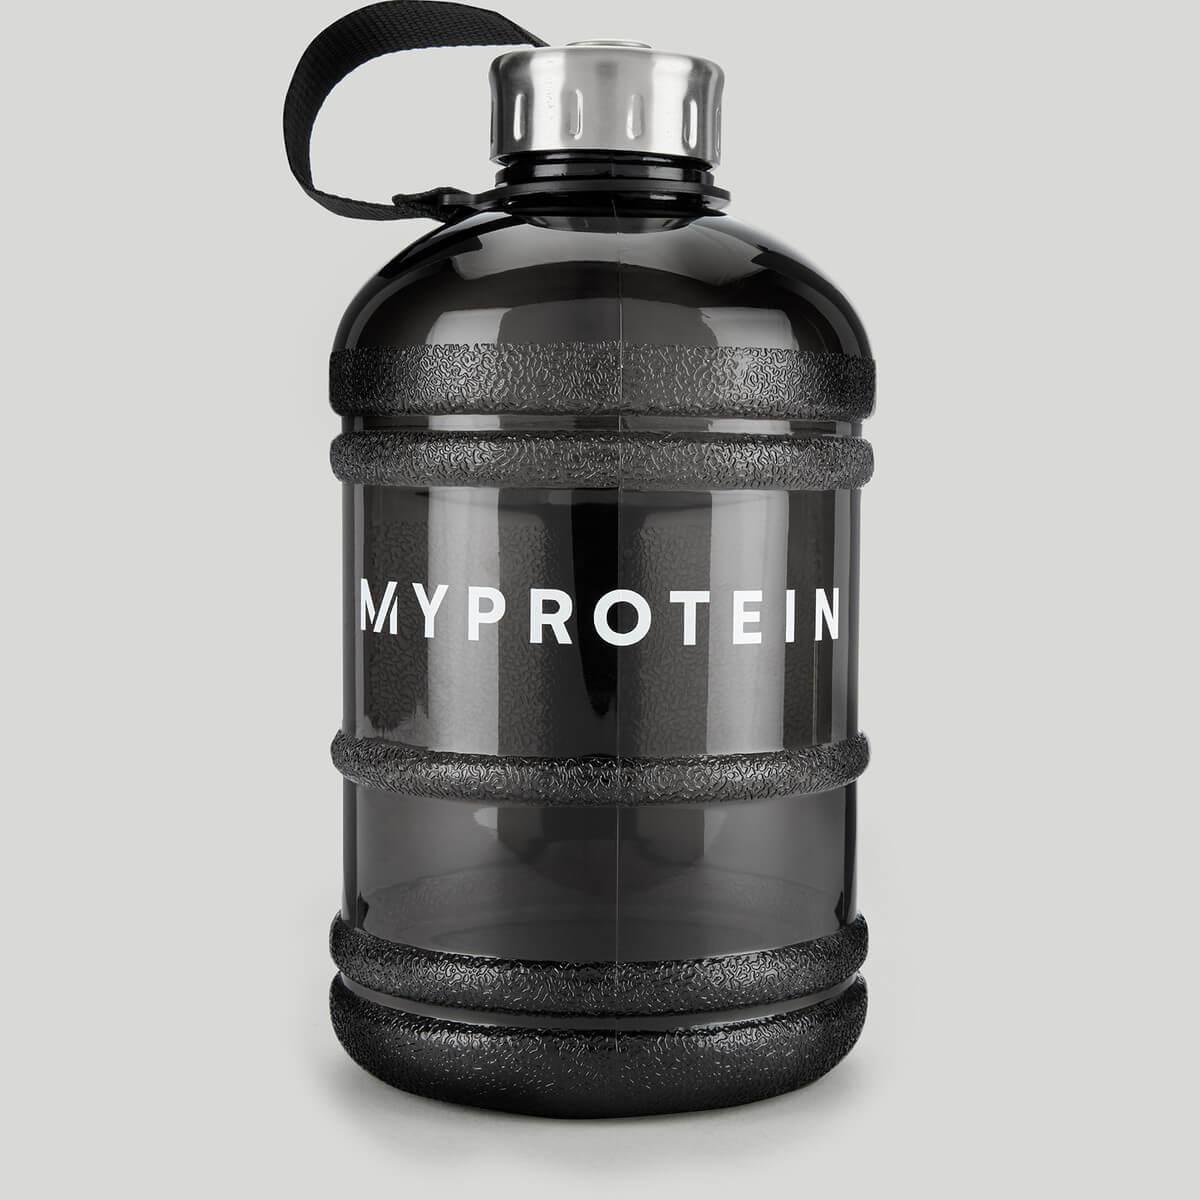 Гидратор MyProtein Бутылка на 1,9 л